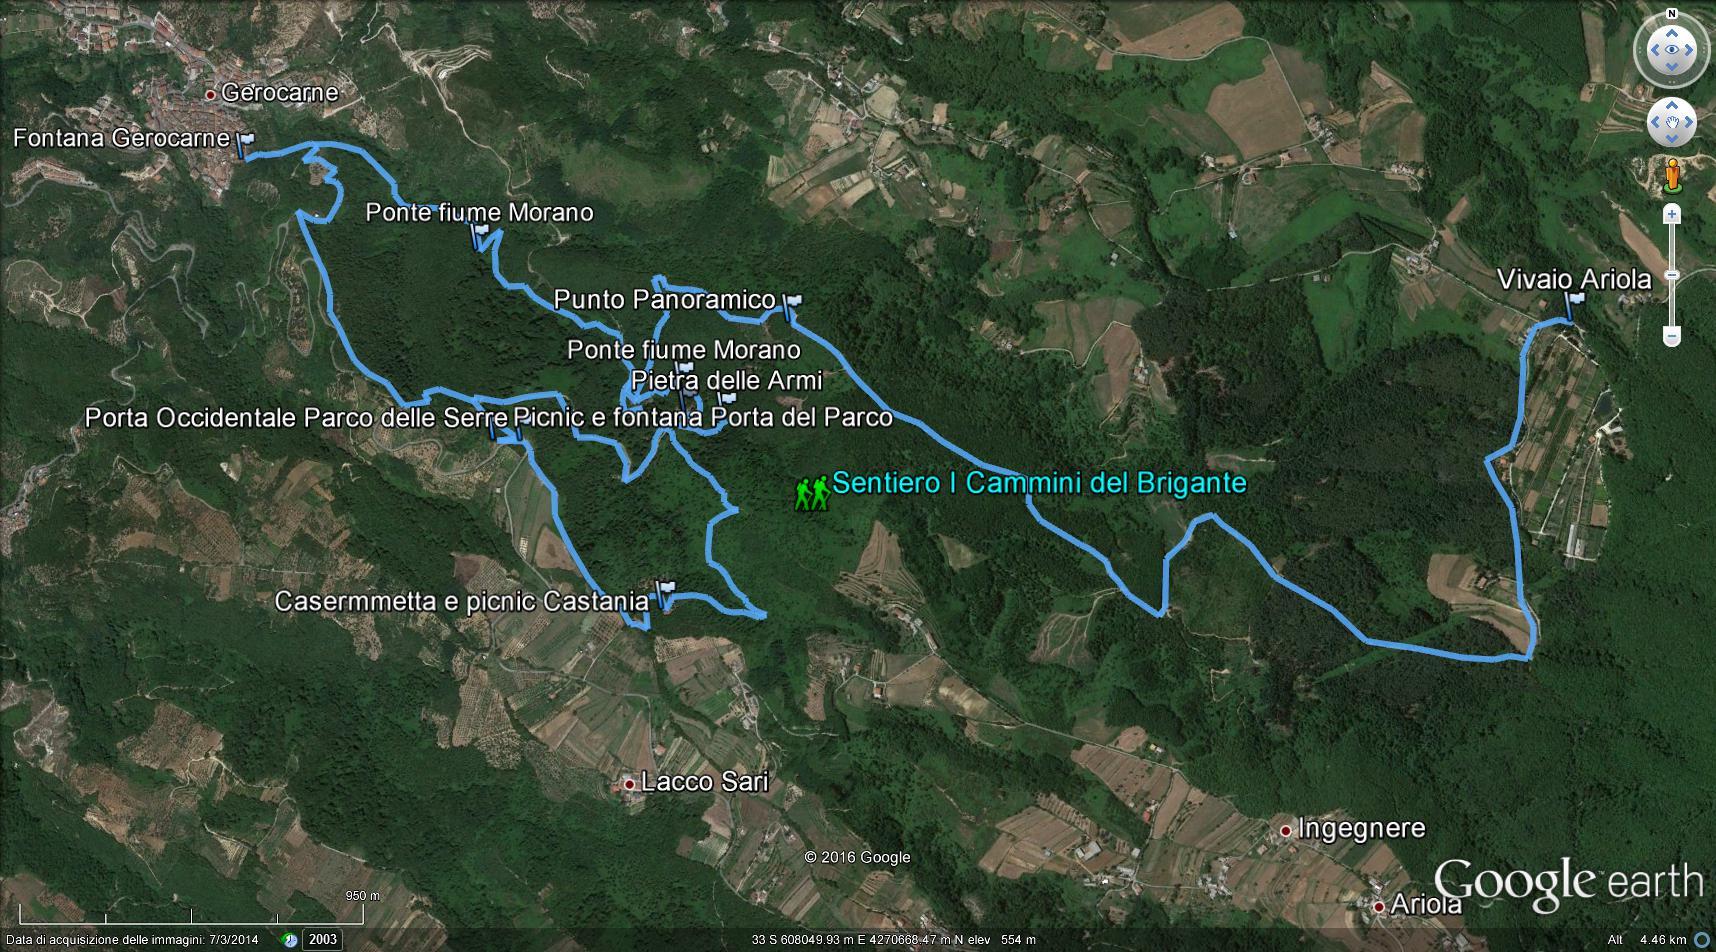 Cammini_Brigante_Google_Earth